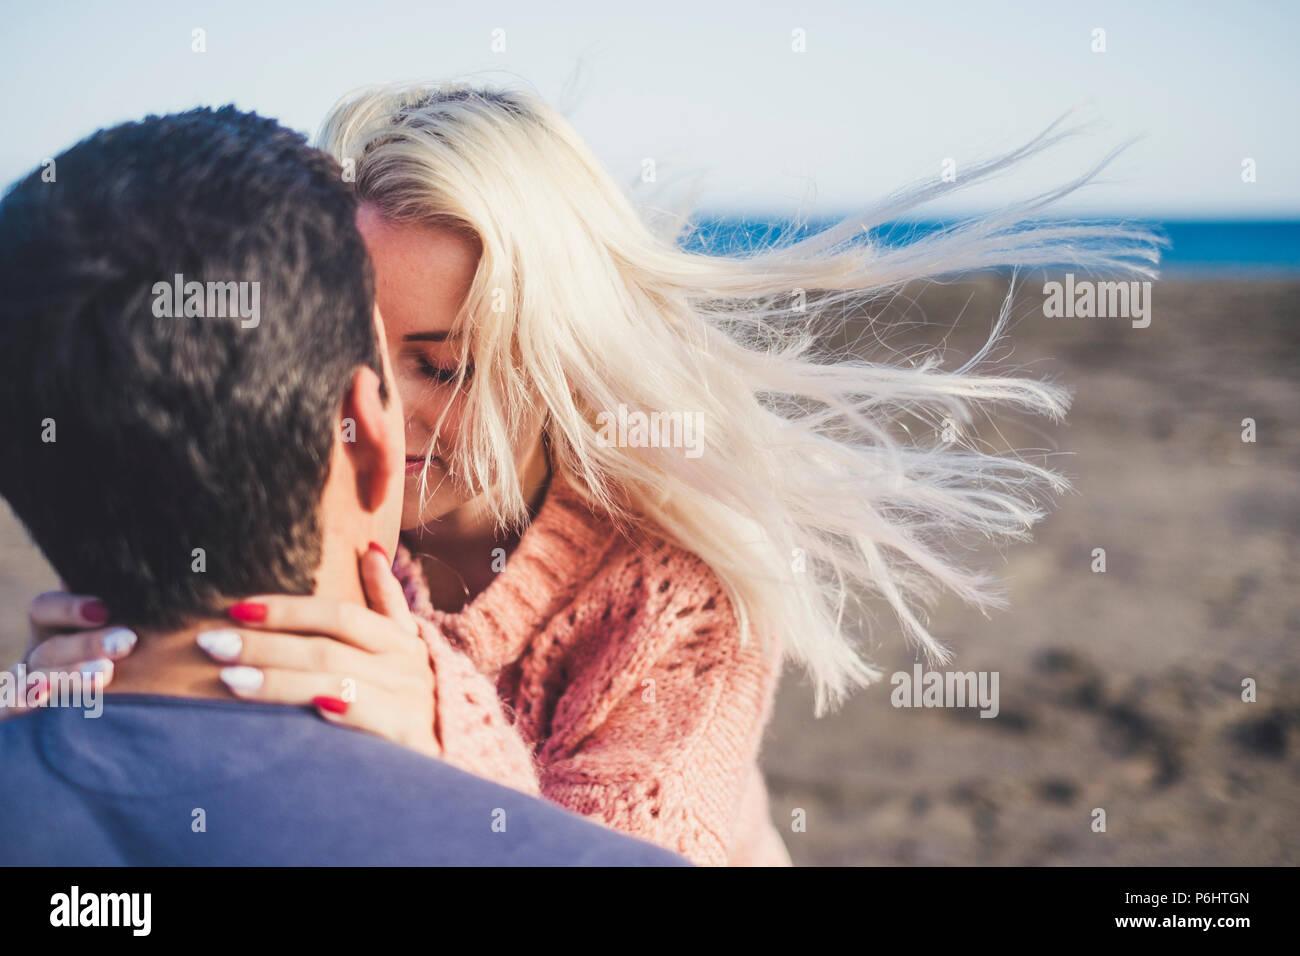 Coppia romantica in amore abbracciando e baciando con gli occhi chiusi e pieni di emozione. bella giovane nella tenerezza insieme all'aperto le attività per il tempo libero a Immagini Stock